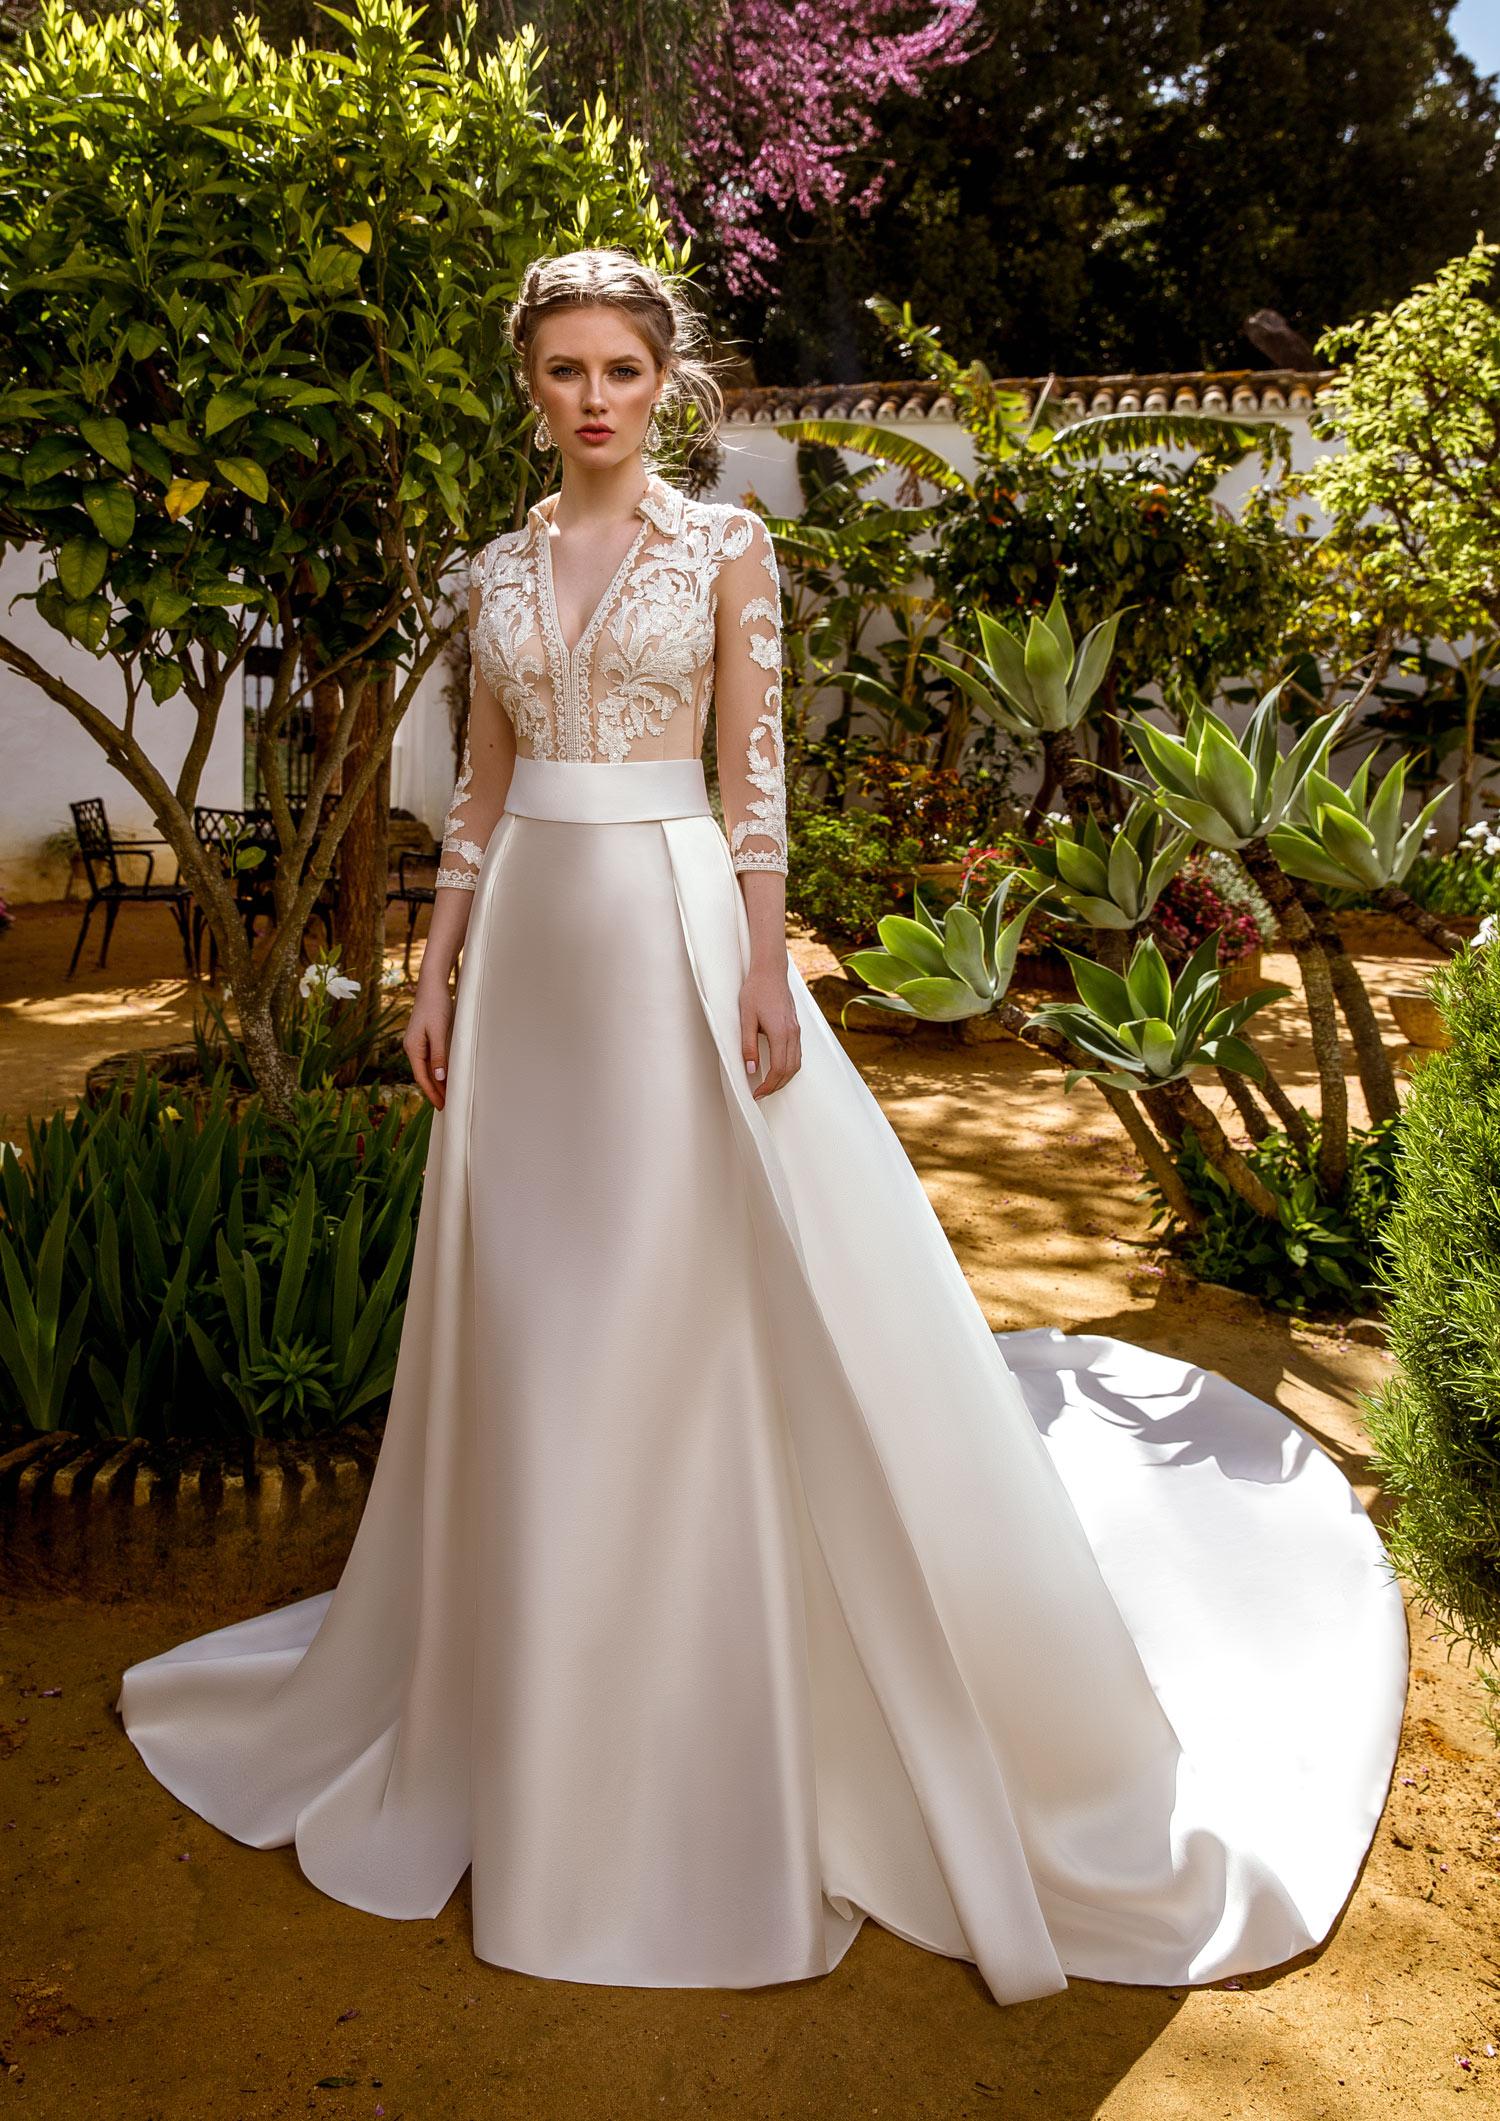 Corte de vestido de novia para chaparritas